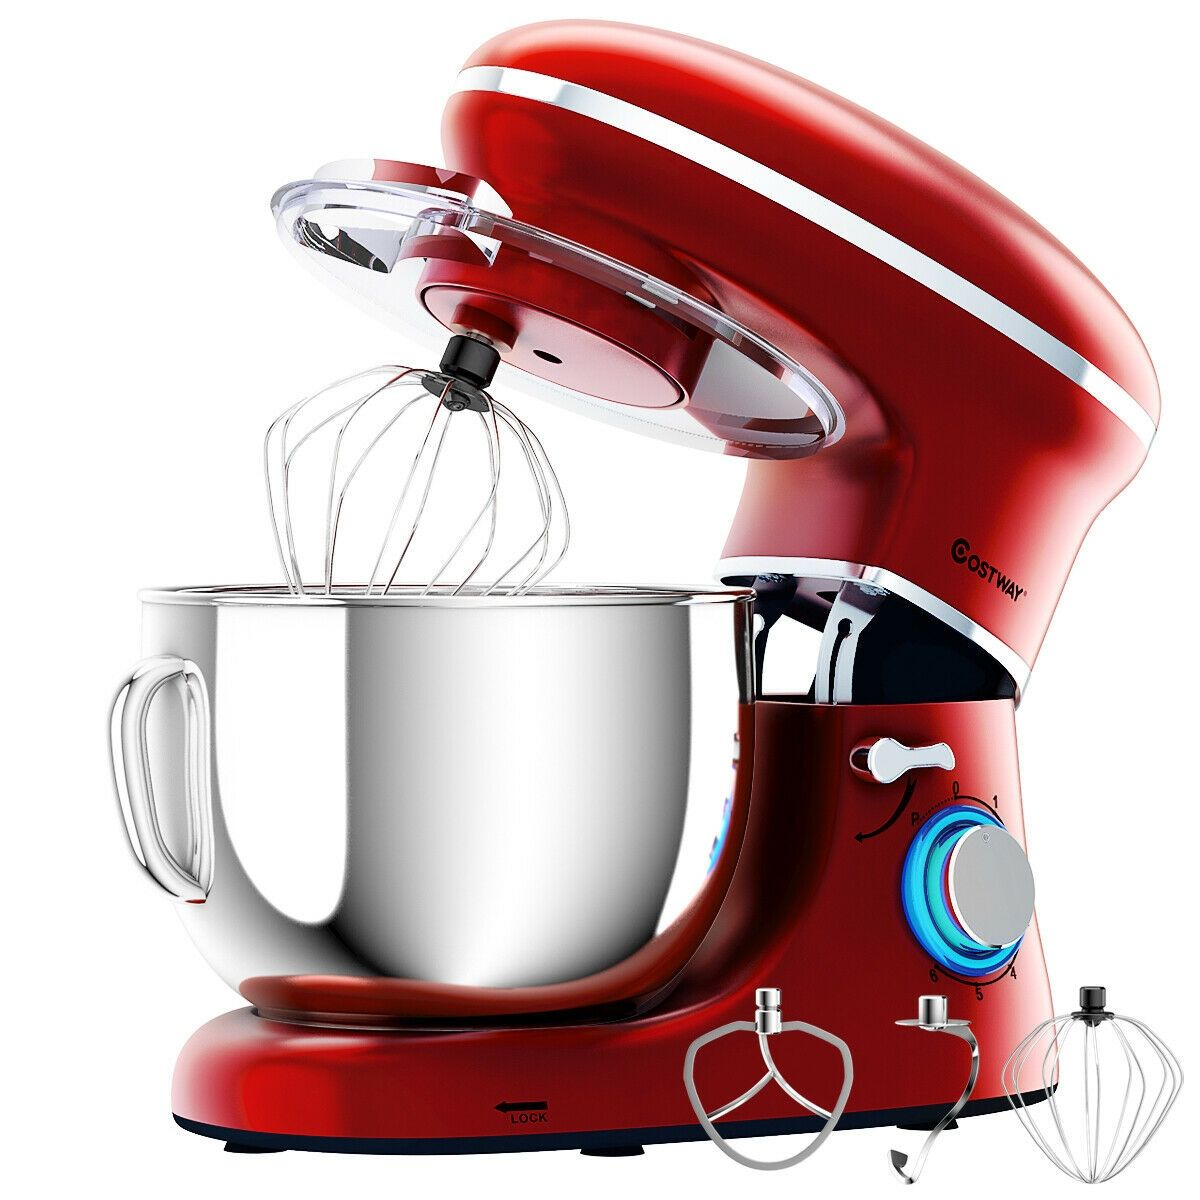 kitchenaid pro line 6 quart mixer